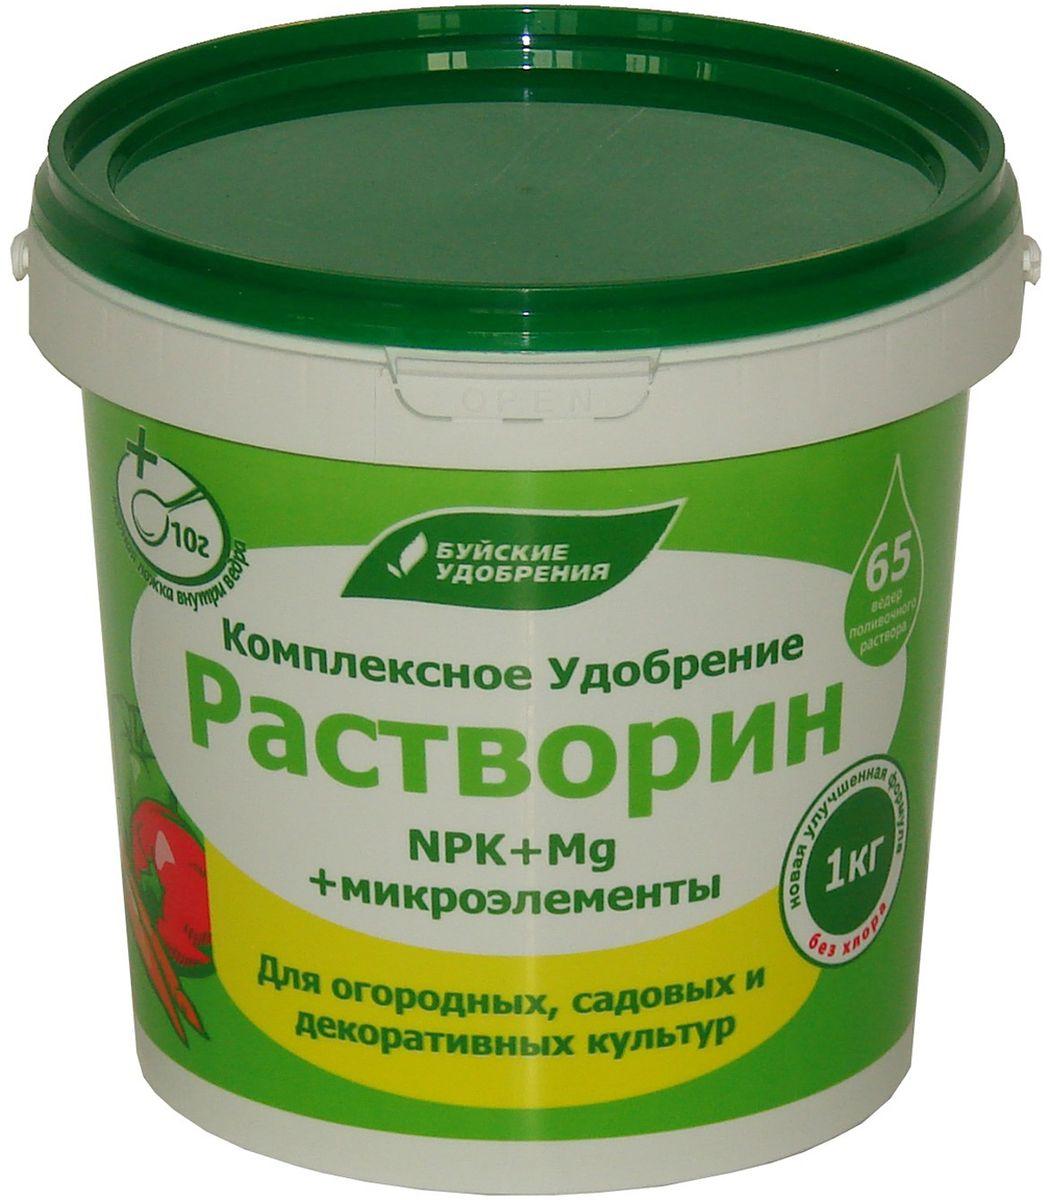 Удобрение для теплиц и открытого грунта Буйские Удобрения Растворин, 1 кг удобрения для огорода весной